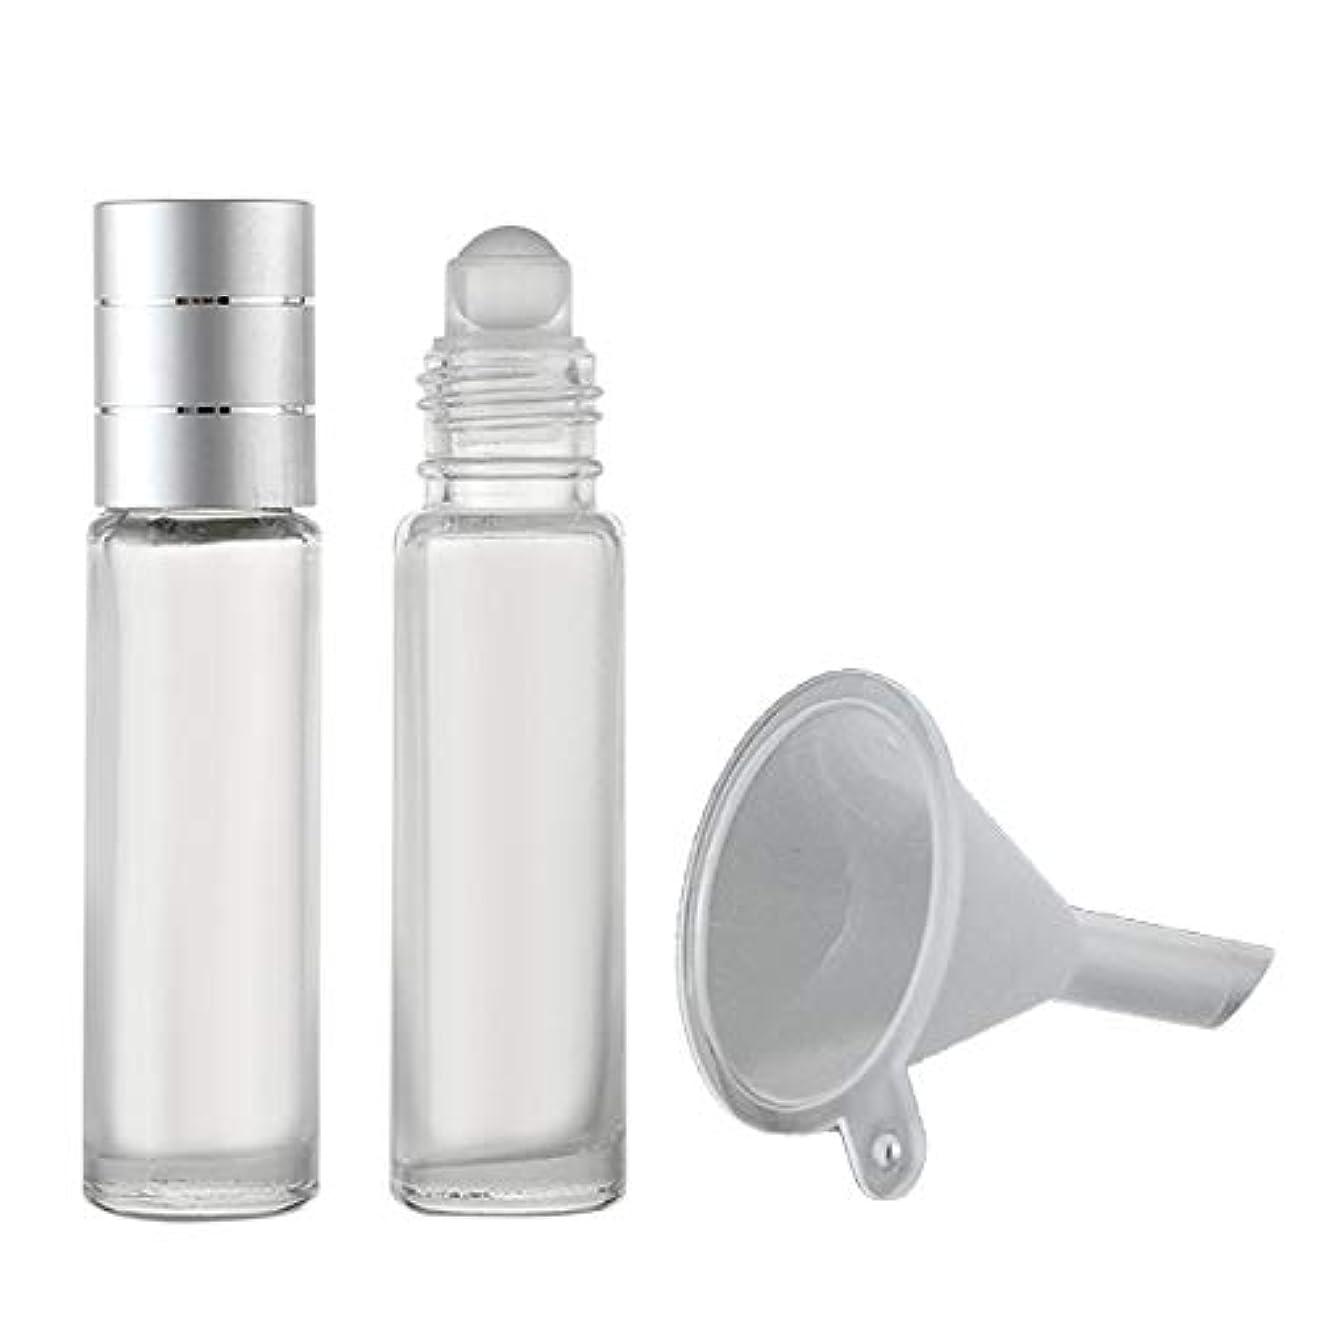 お客様フィヨルド吸収フェリモア ロールオンボトル 香水瓶 パフュームローラー アロマ 携帯 詰め替え 漏斗付き 8ml (2本セット)